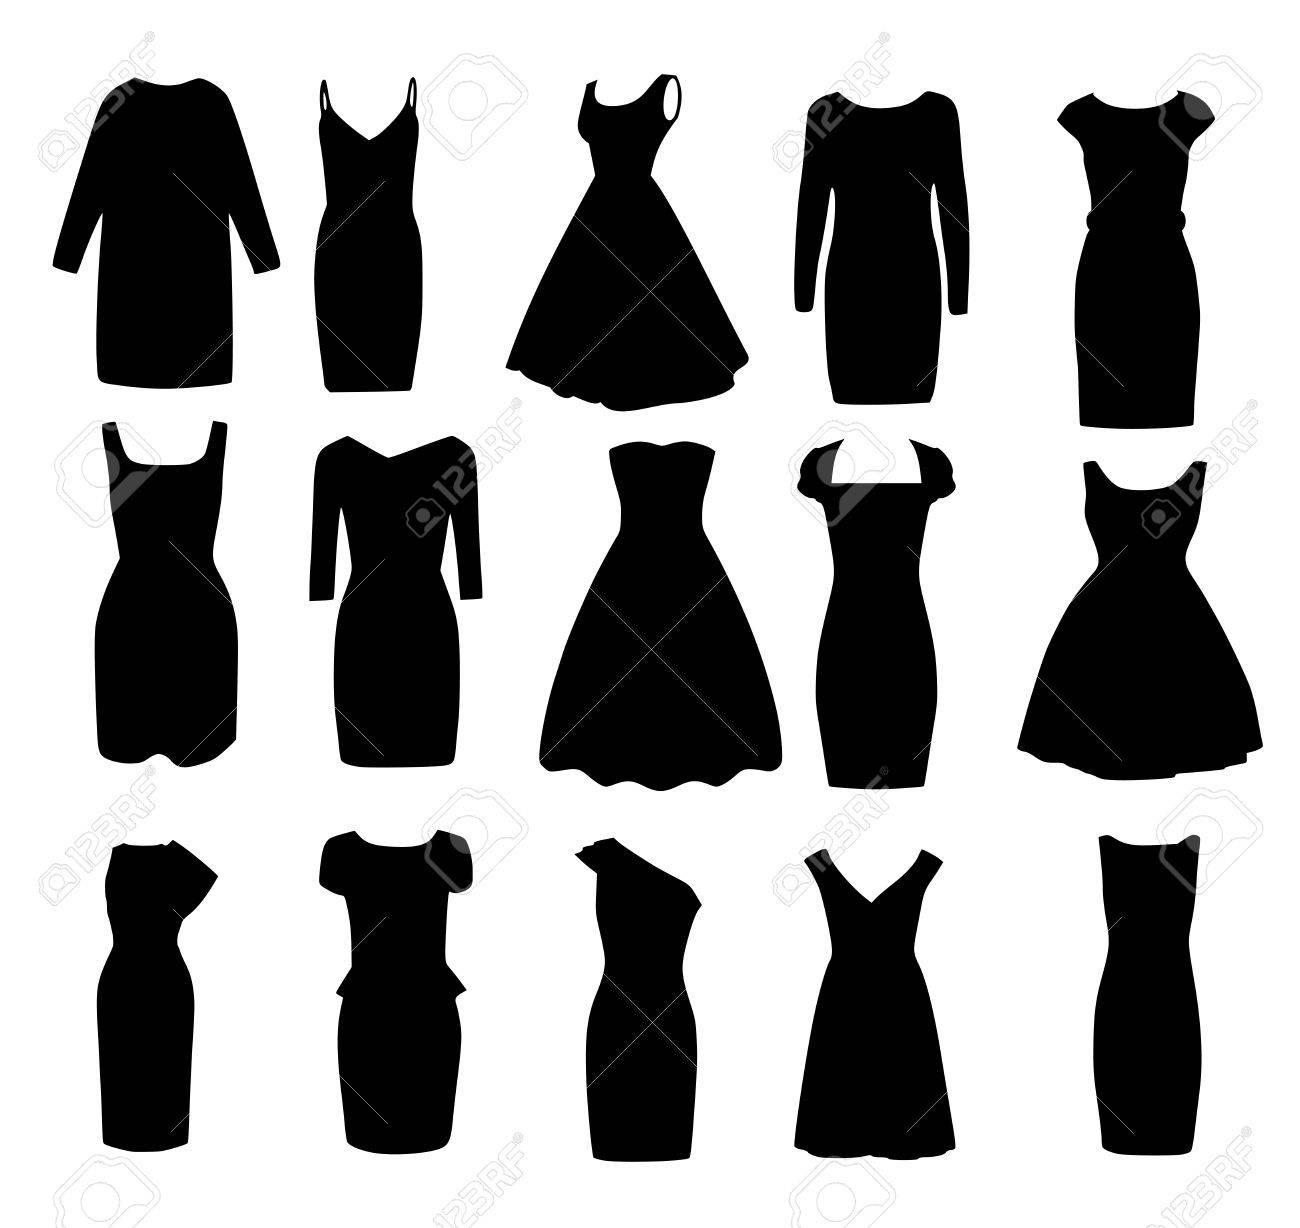 15 Genial Abend Dress Vector Vertrieb20 Top Abend Dress Vector Ärmel